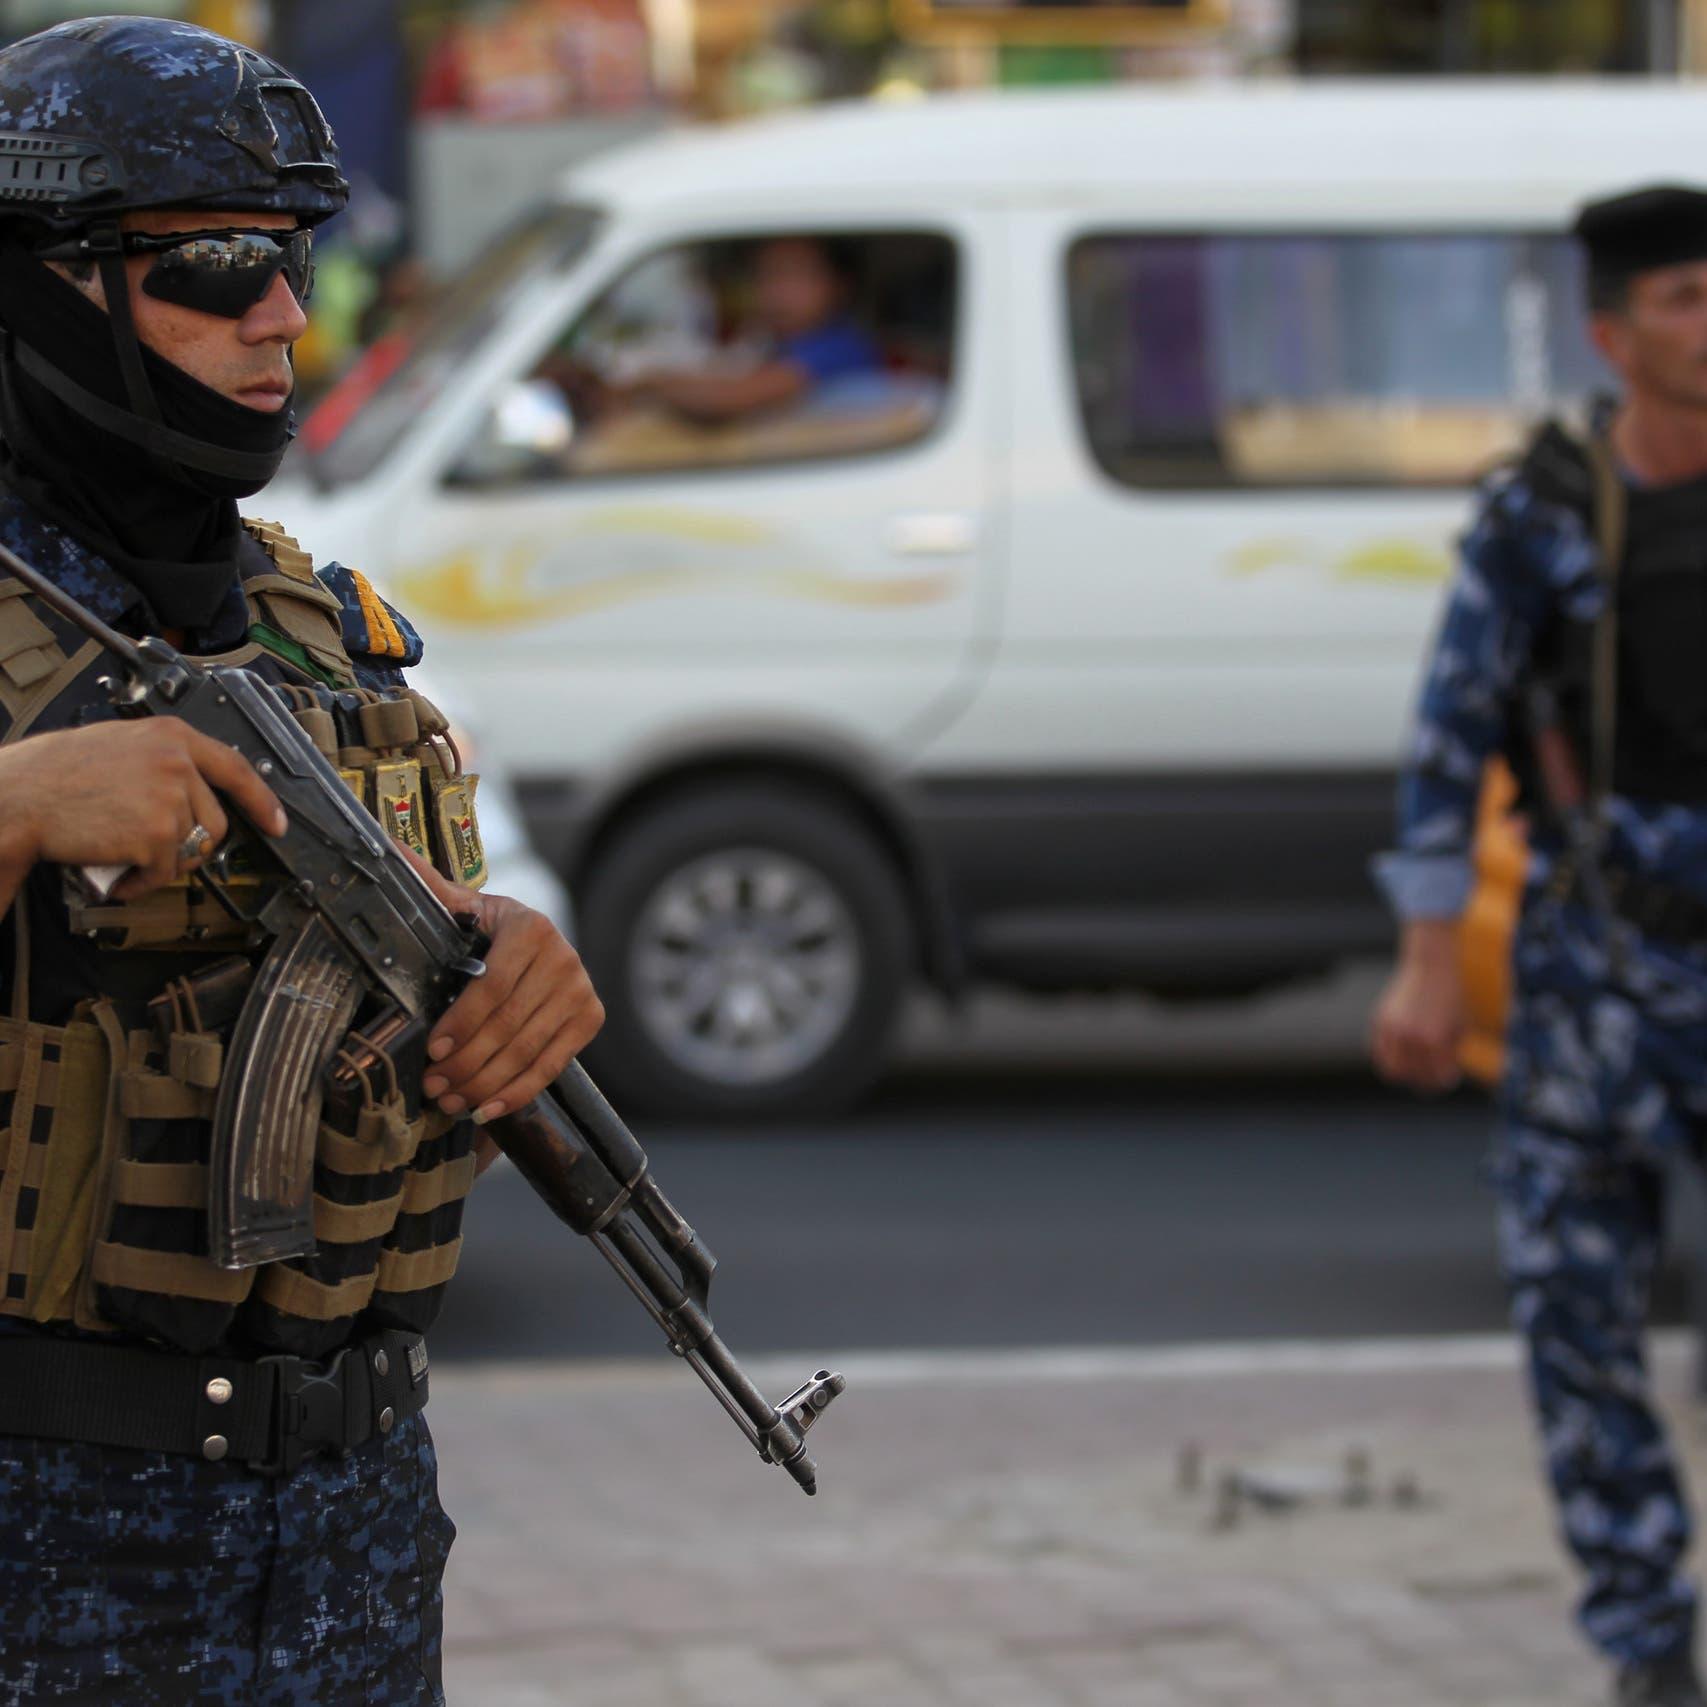 قوة أمنية تعتقل مدوناً وتصادر هاتفه الشخصي لأسباب مجهولة